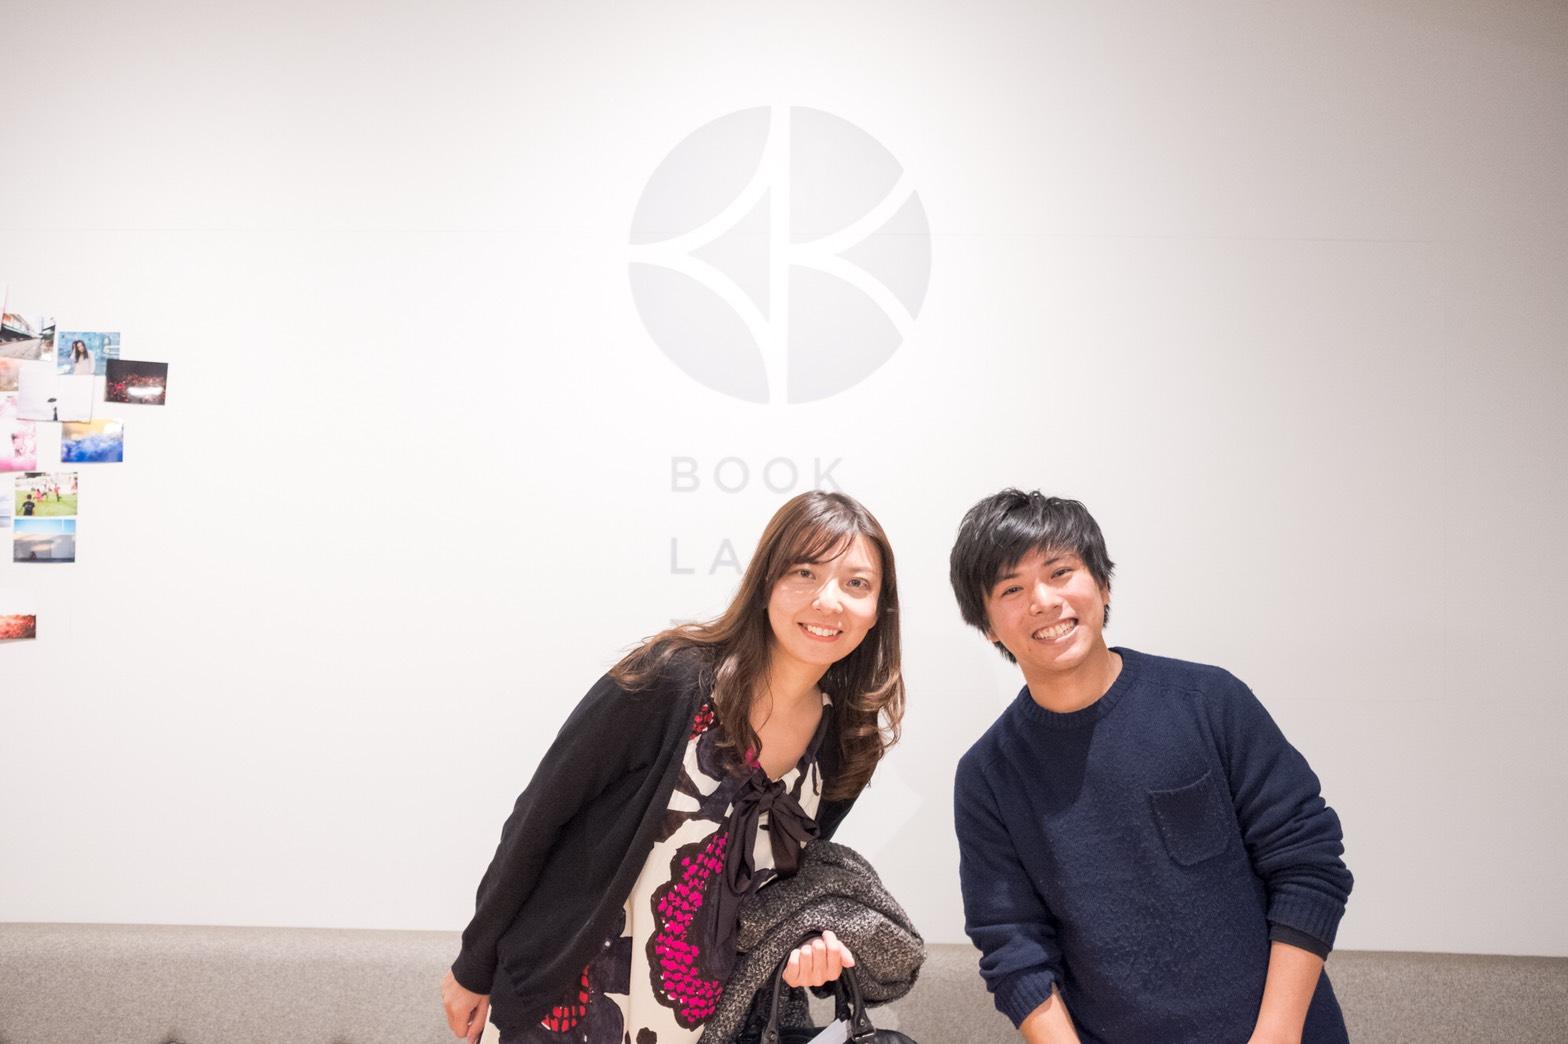 安藤美冬さん×矢野拓実くんのトークイベントに行ってきました。名もなき個人が生きていくには。